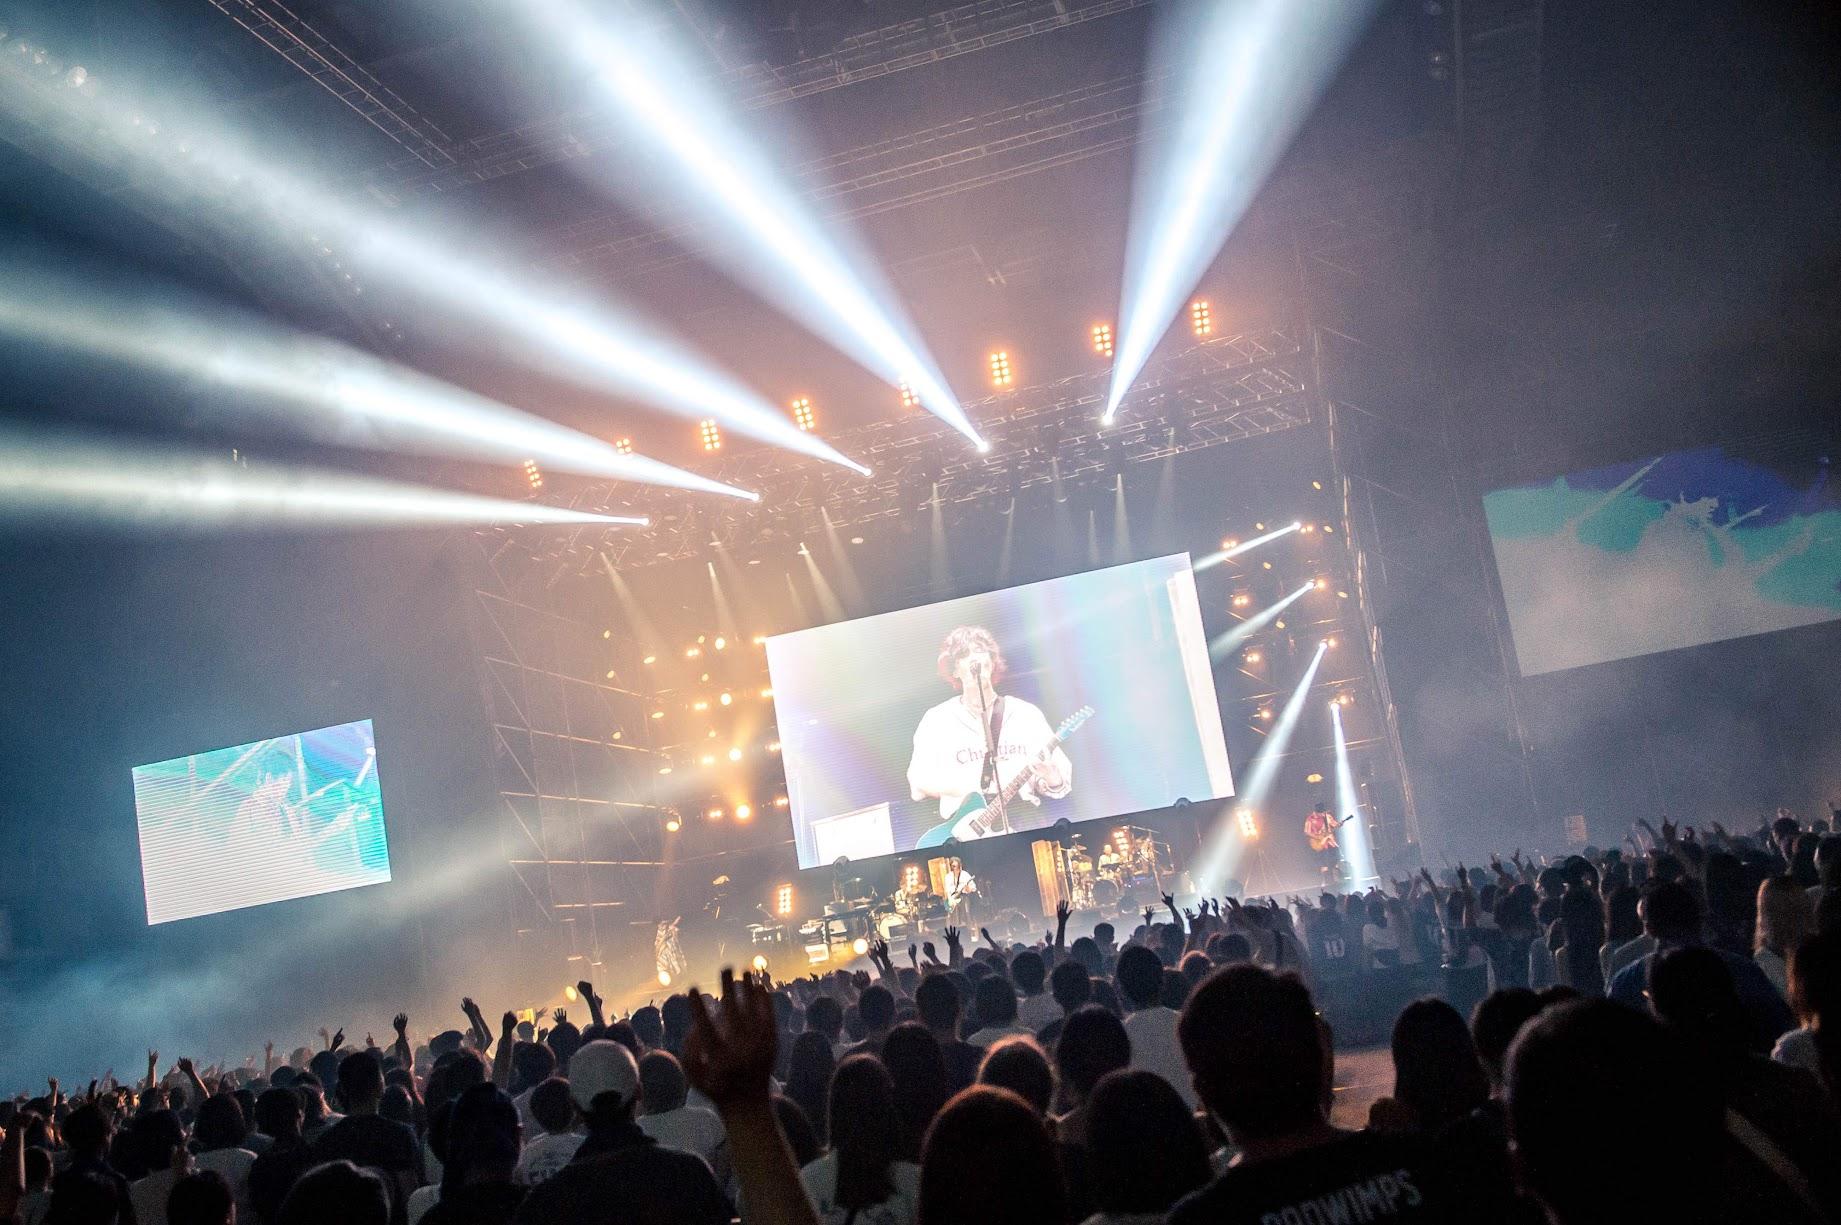 【迷迷現場】詳細報導 RADWIMPS 四度來台開唱大升級 二安送上樂迷狂喜